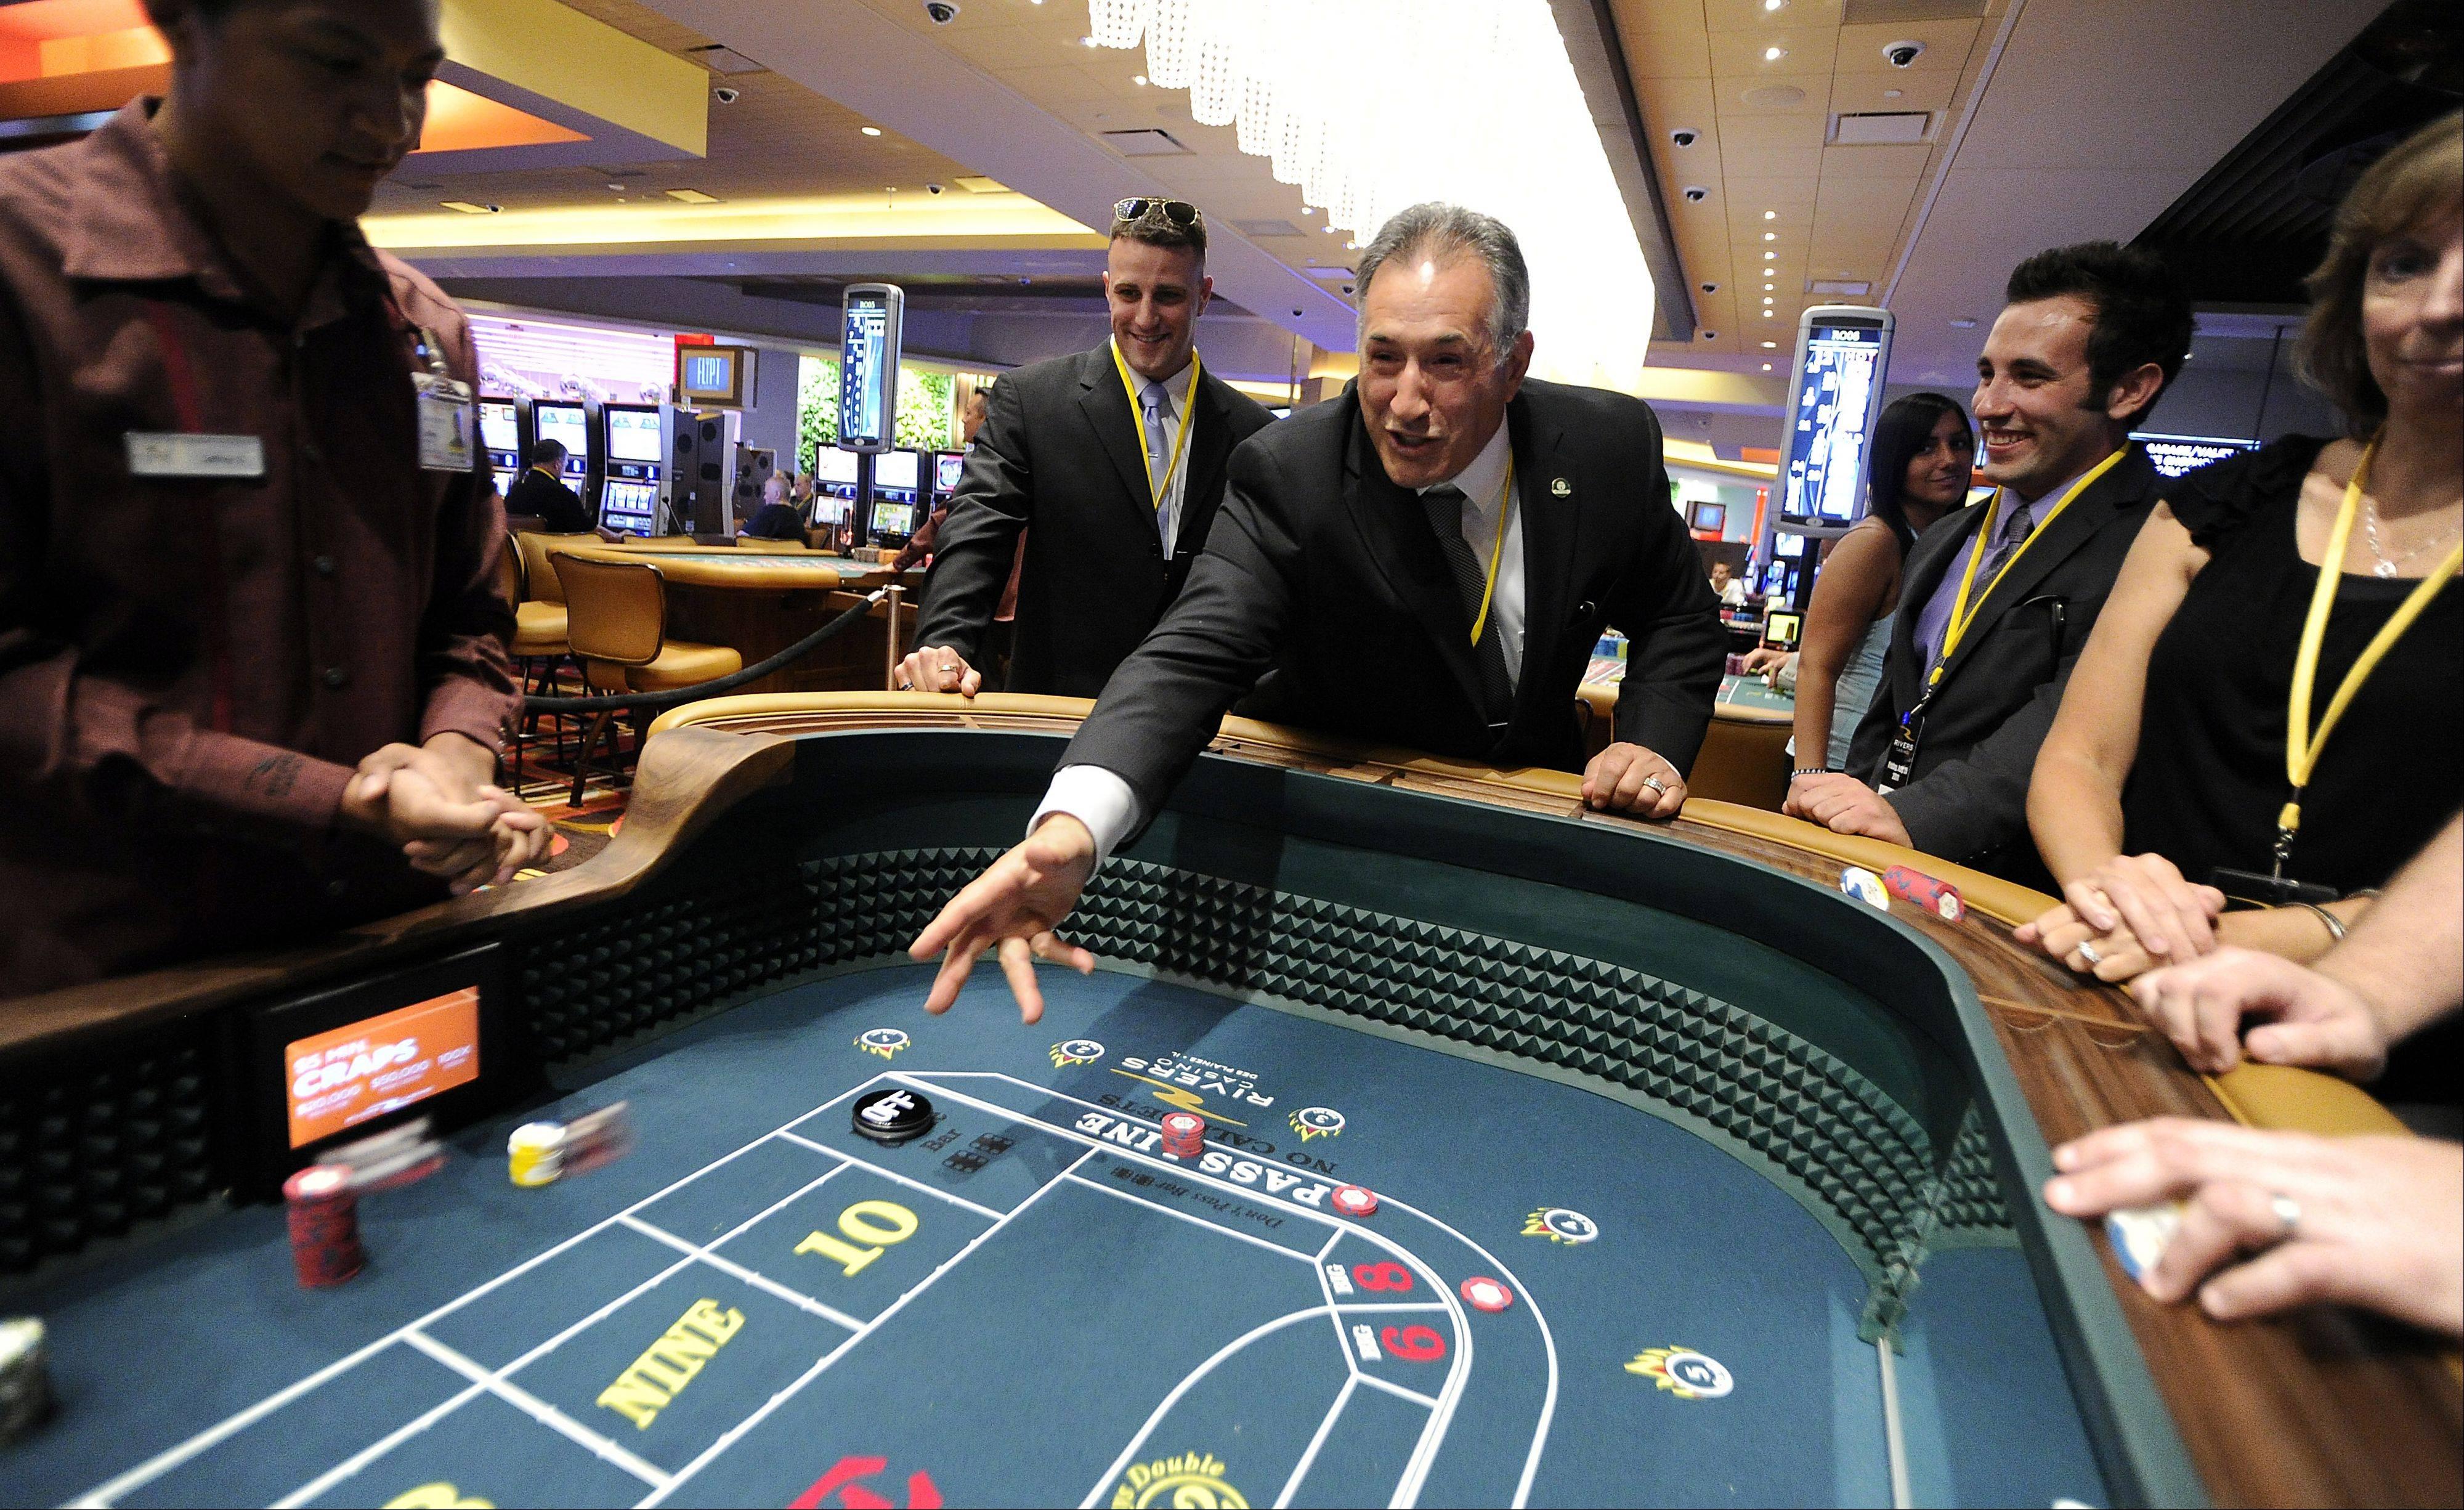 Rosemont gambling montecasino shops